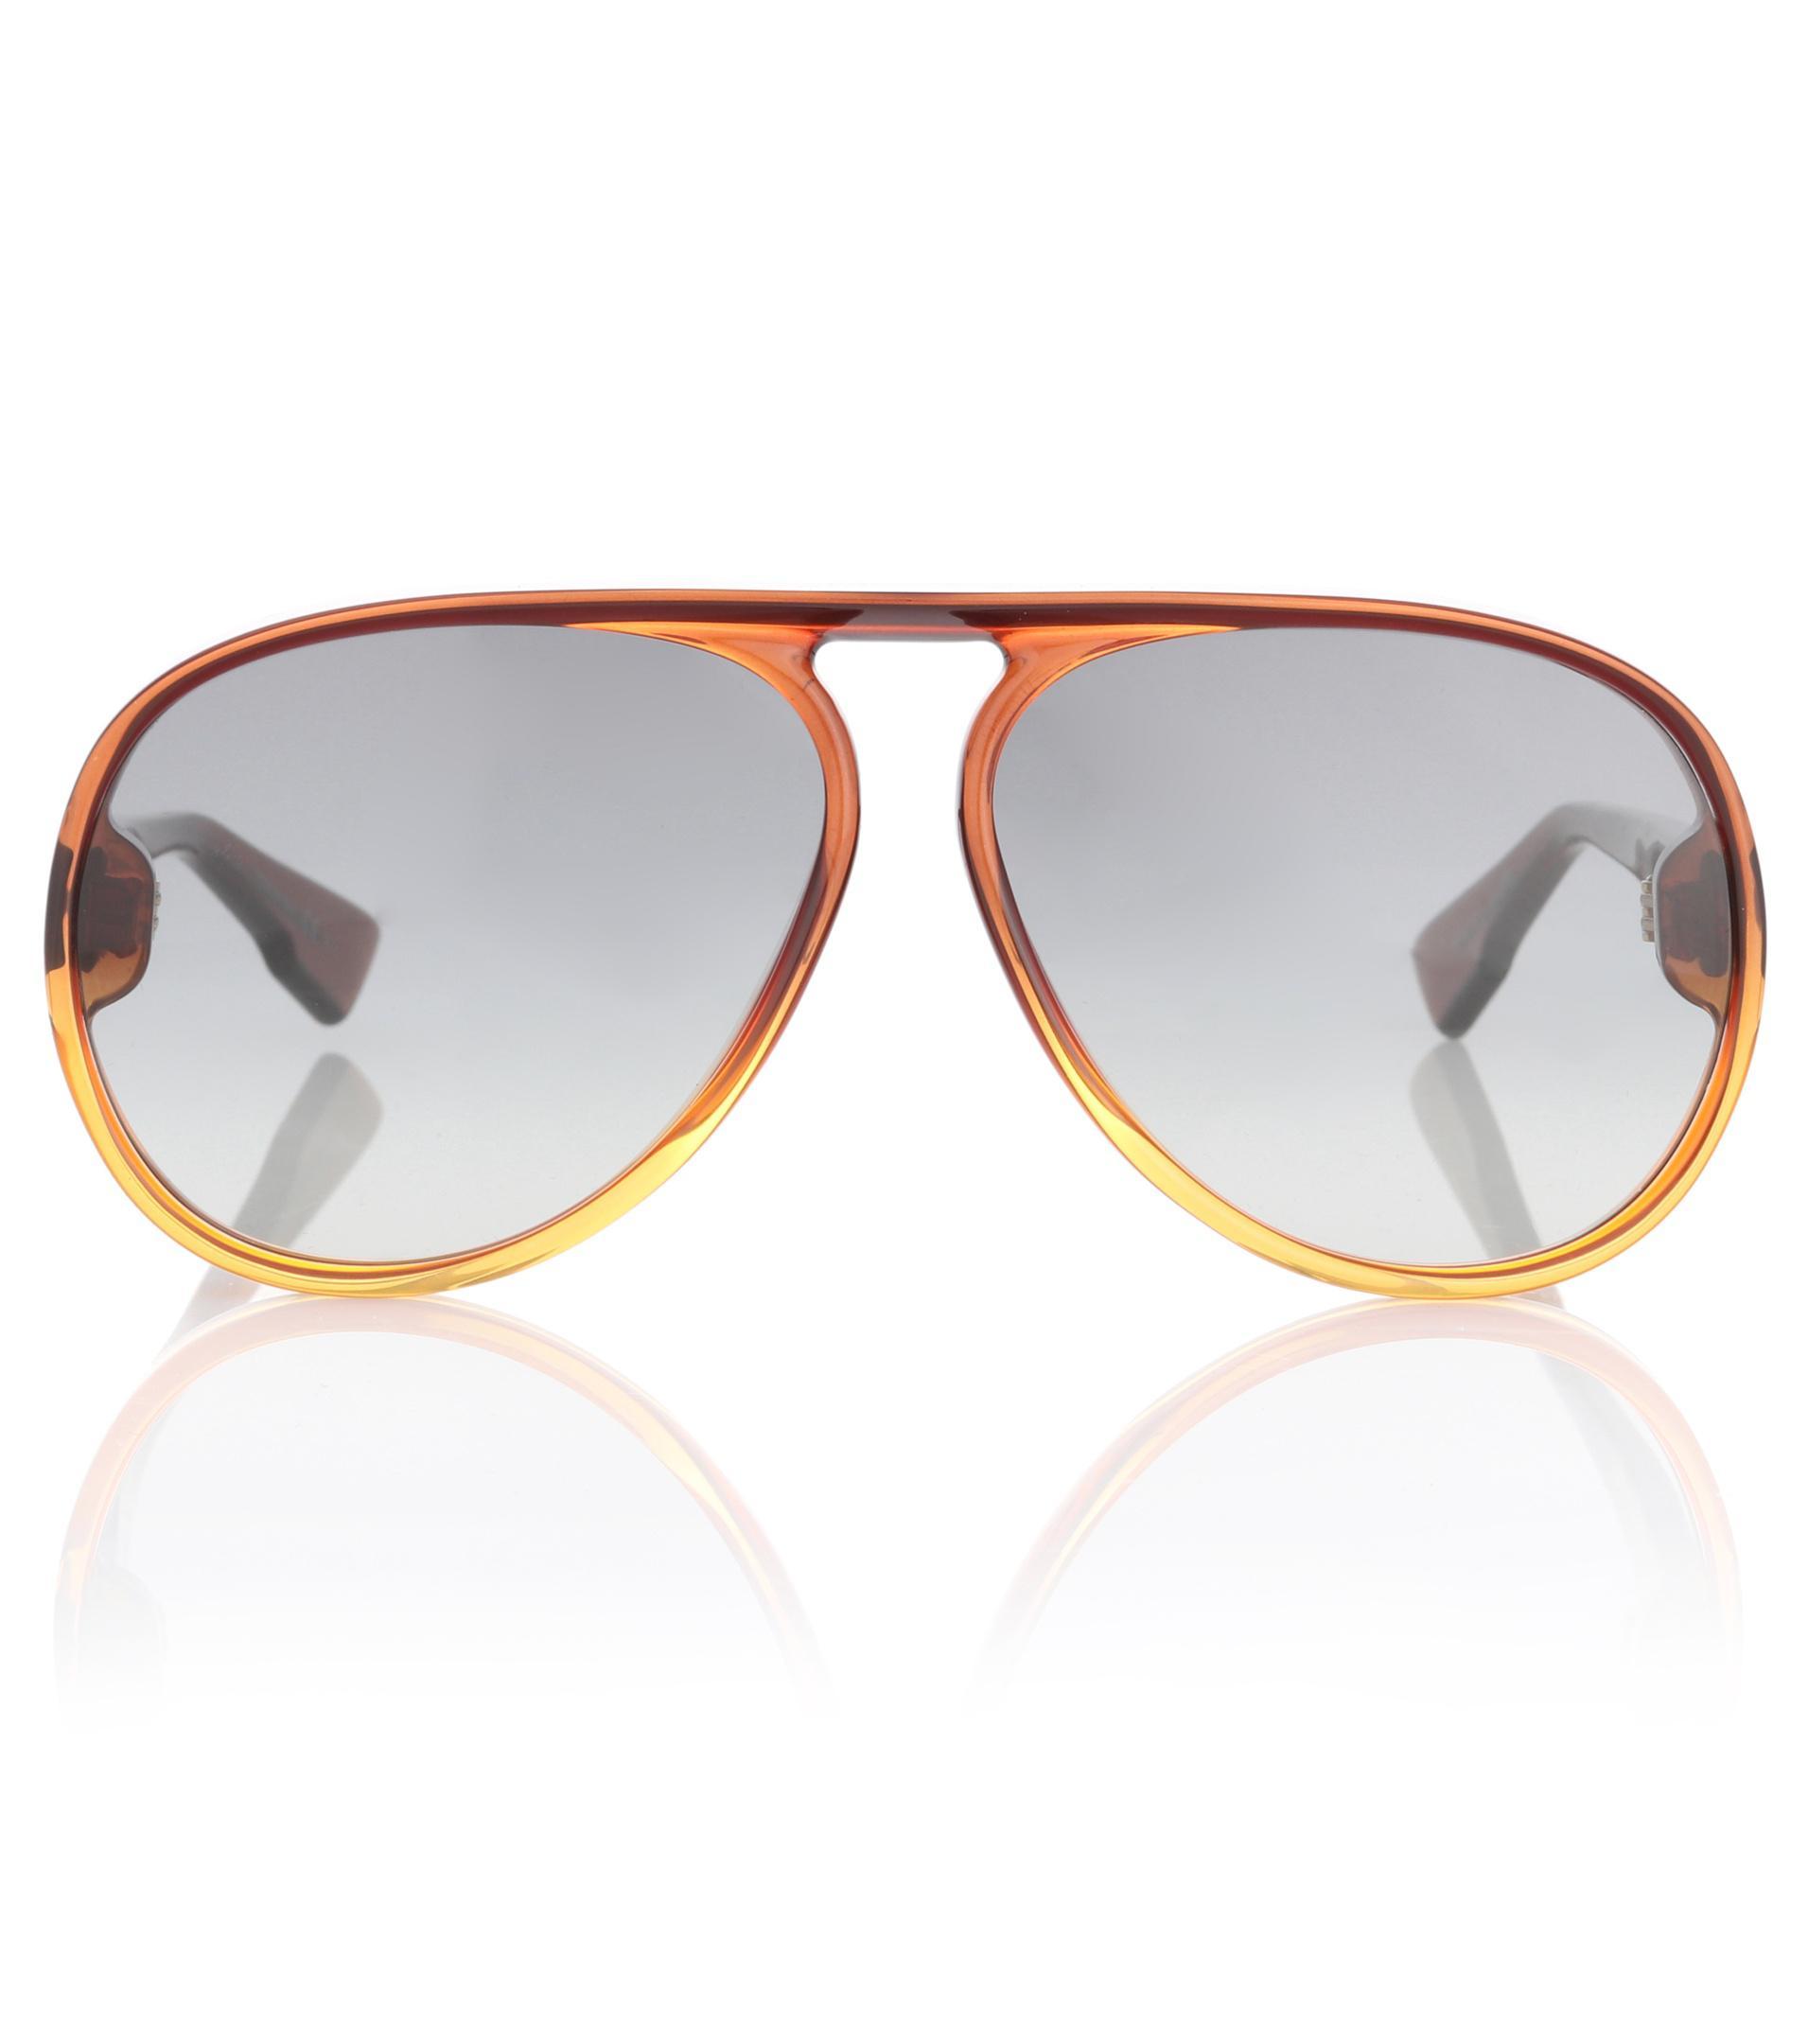 5cb499d3e6b Dior Diorlia Aviator Sunglasses in Brown - Lyst